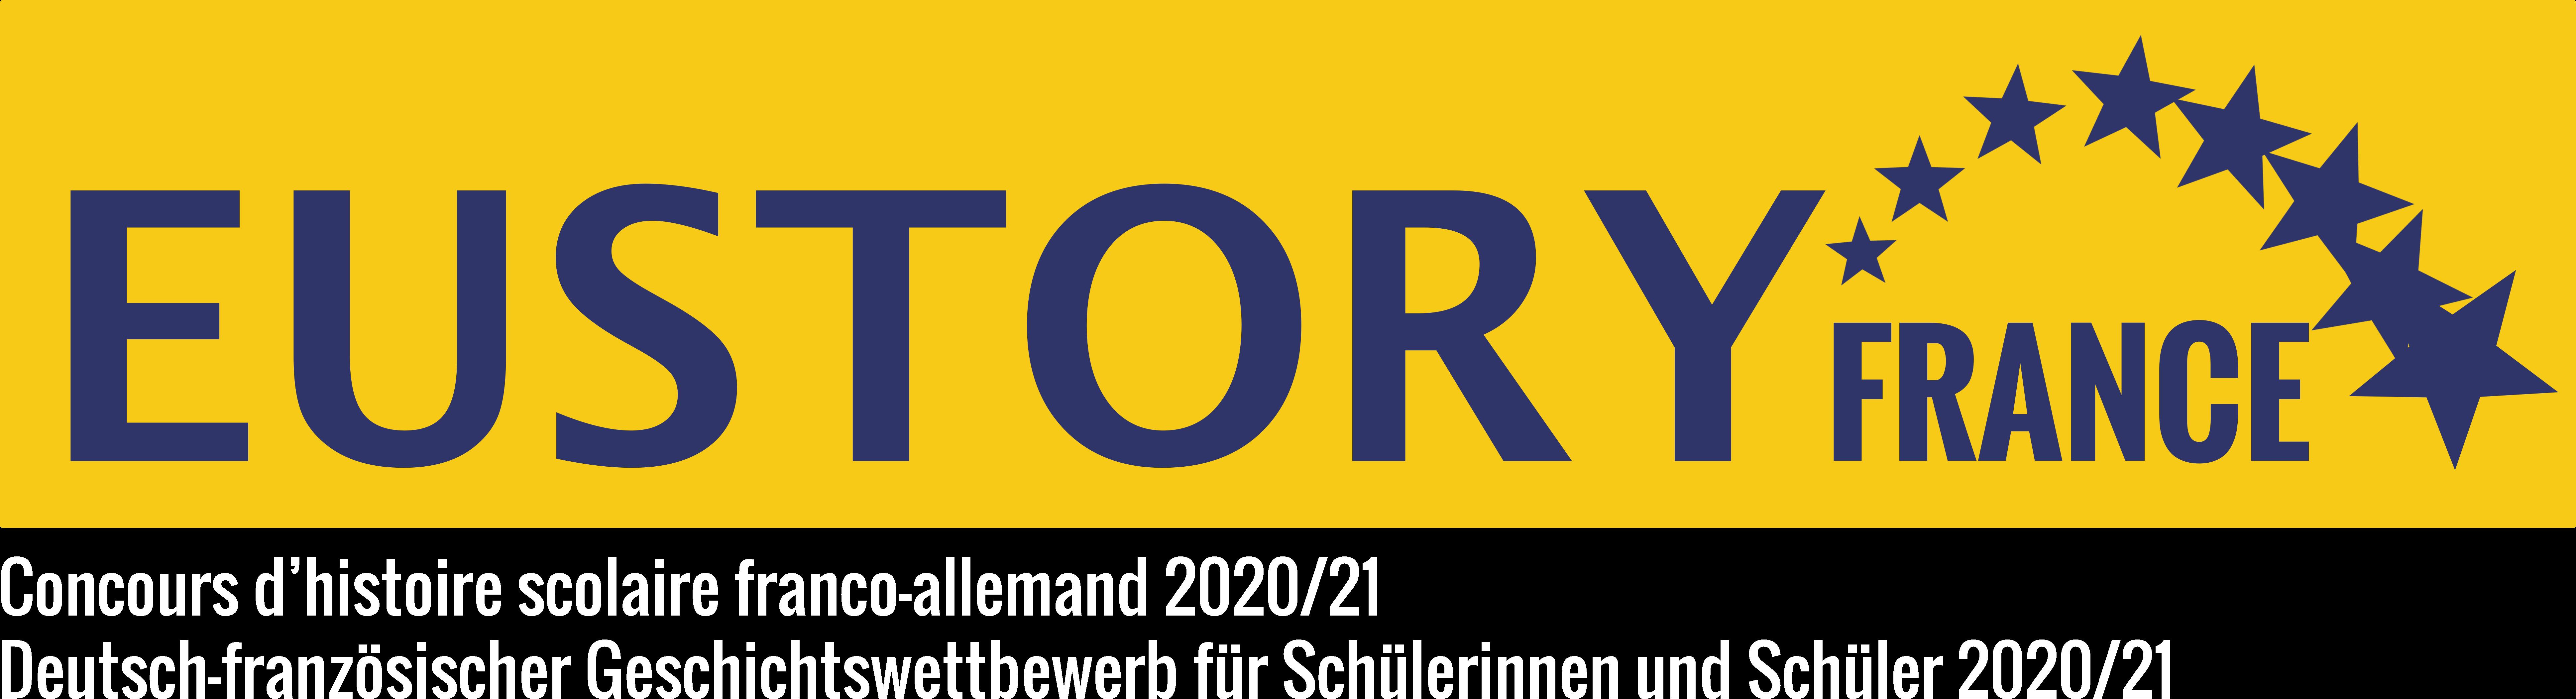 Concours d'histoire scolaire franco-allemand 2020-2021 EU-Story